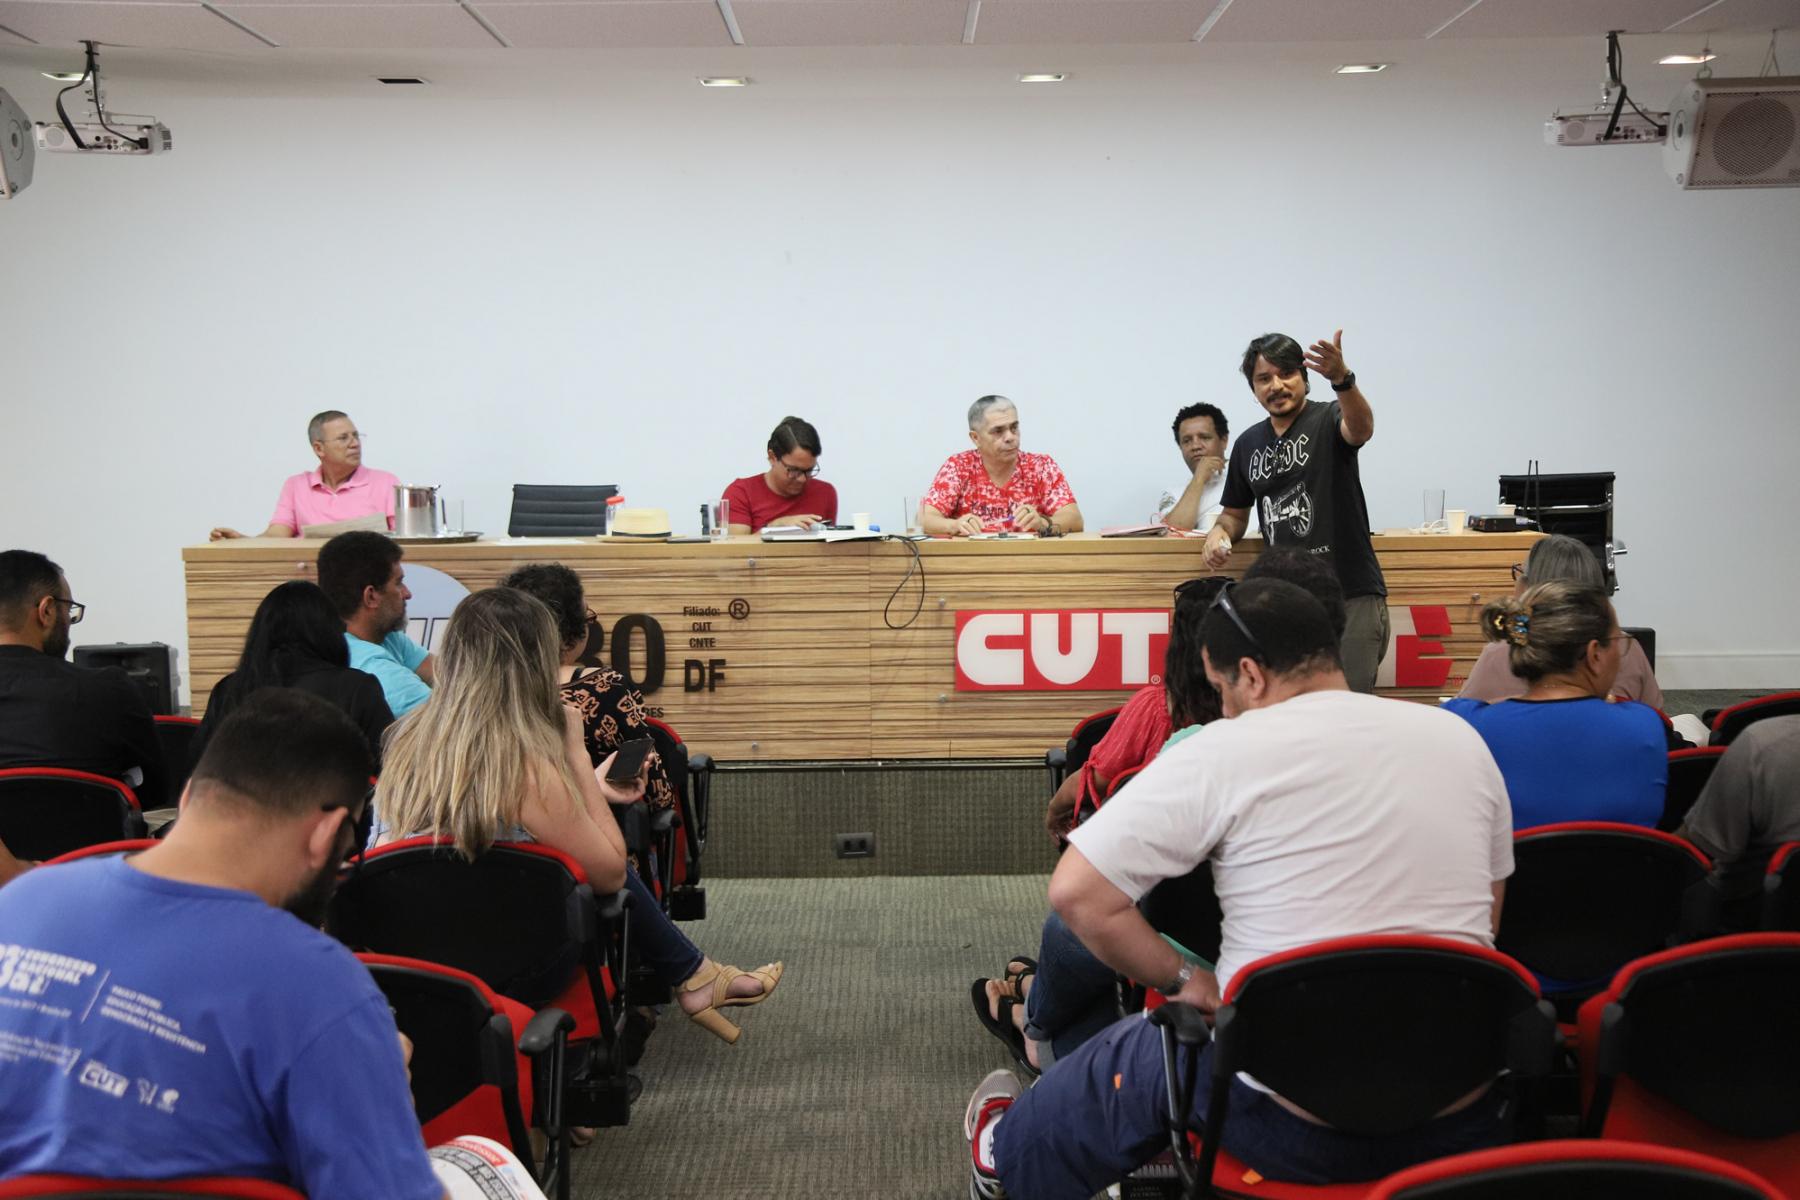 2019.01.17-Reuniao-sobre-Militarizacao-das-escolas-40